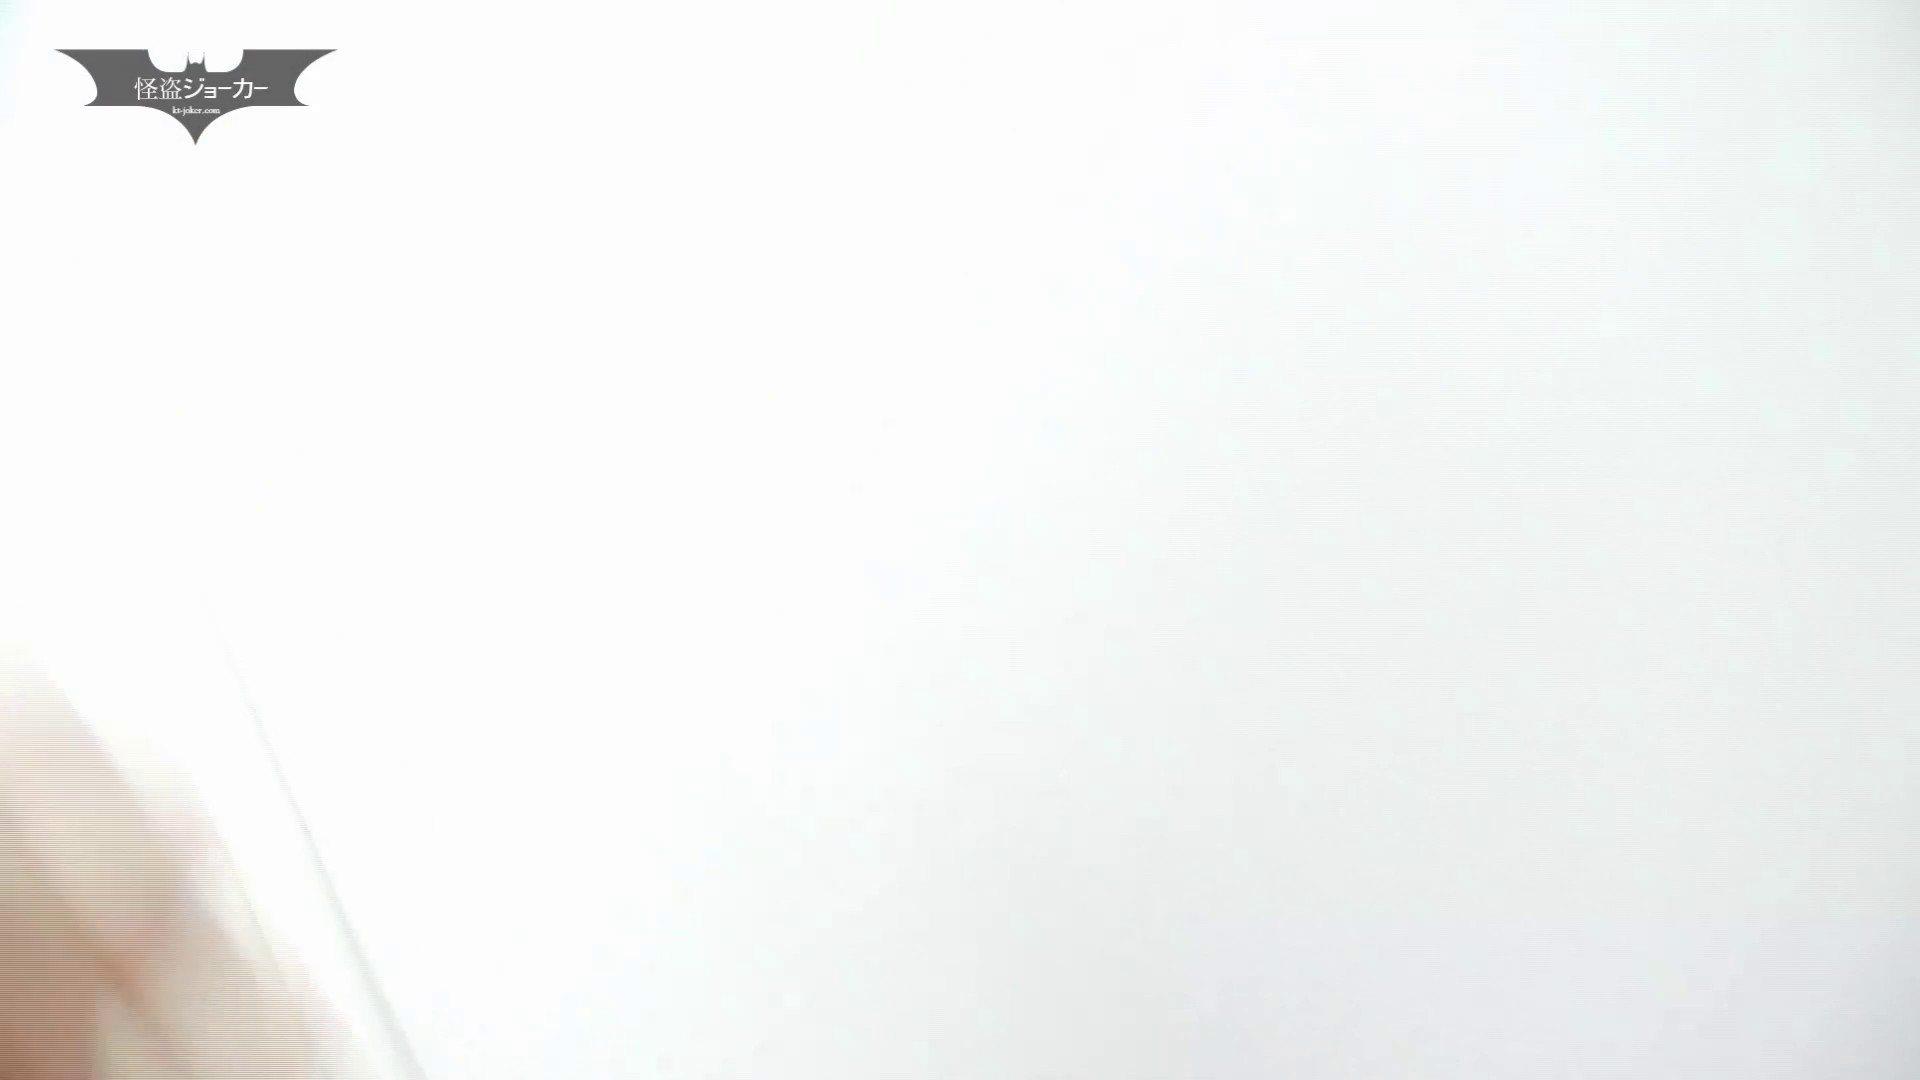 下からノゾム vol.032 走って追跡、そして、カメラ見られ大ピンチ 追跡 | OL女体  93連発 69